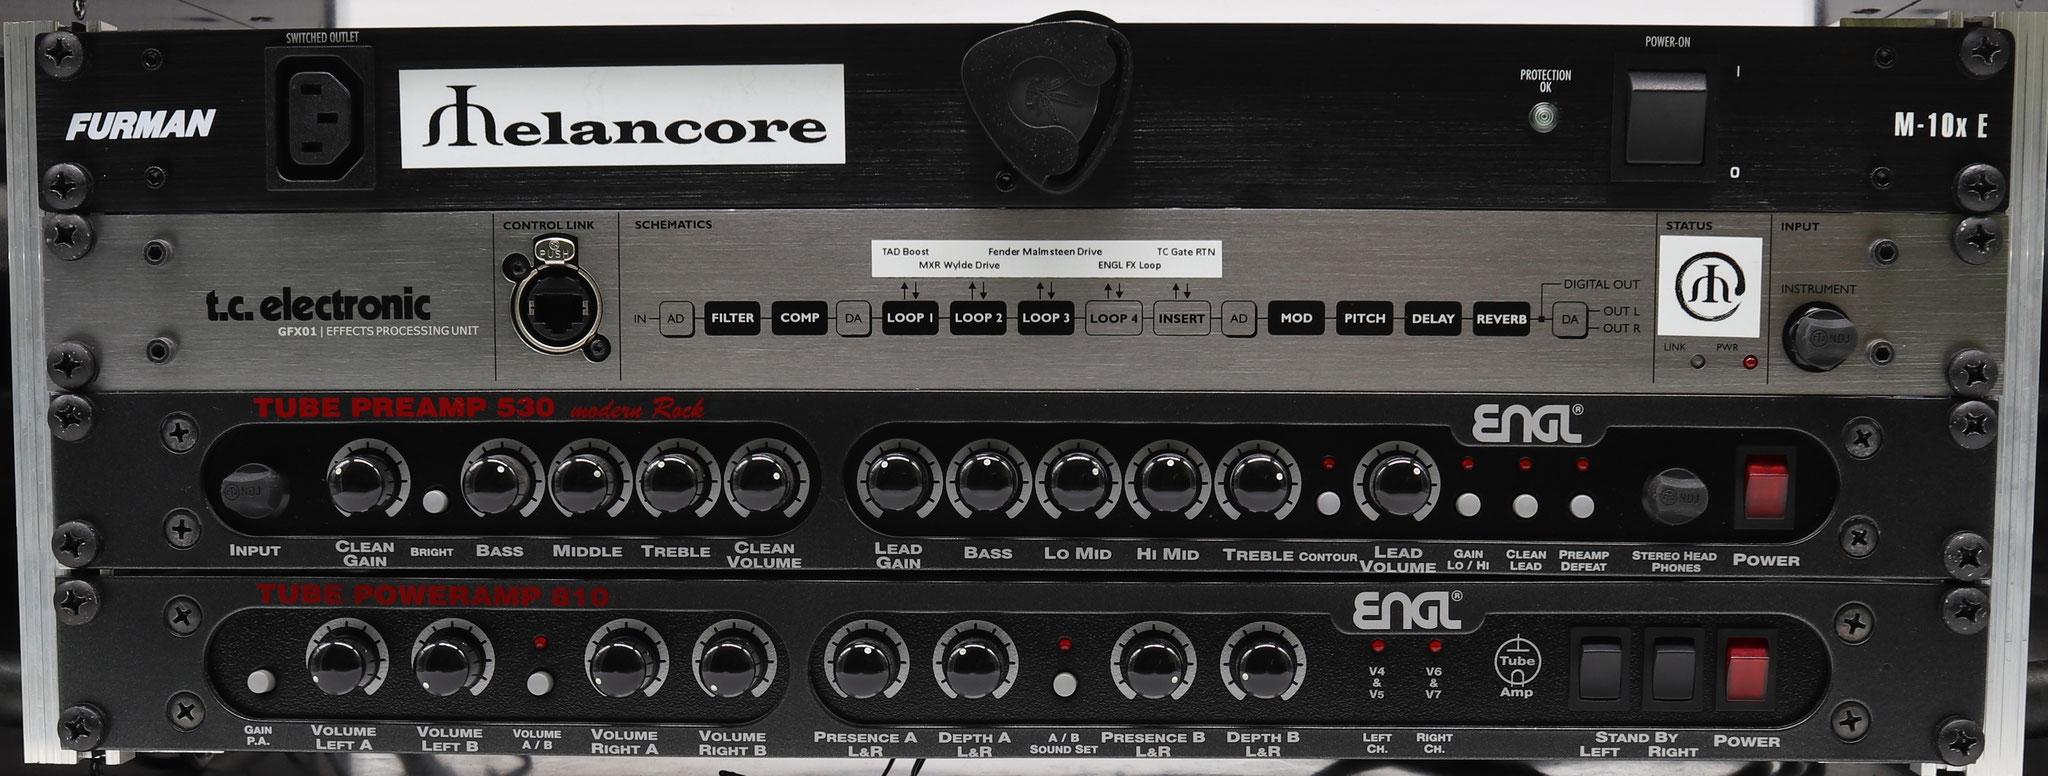 ENGL e530 & e810 Live Rack